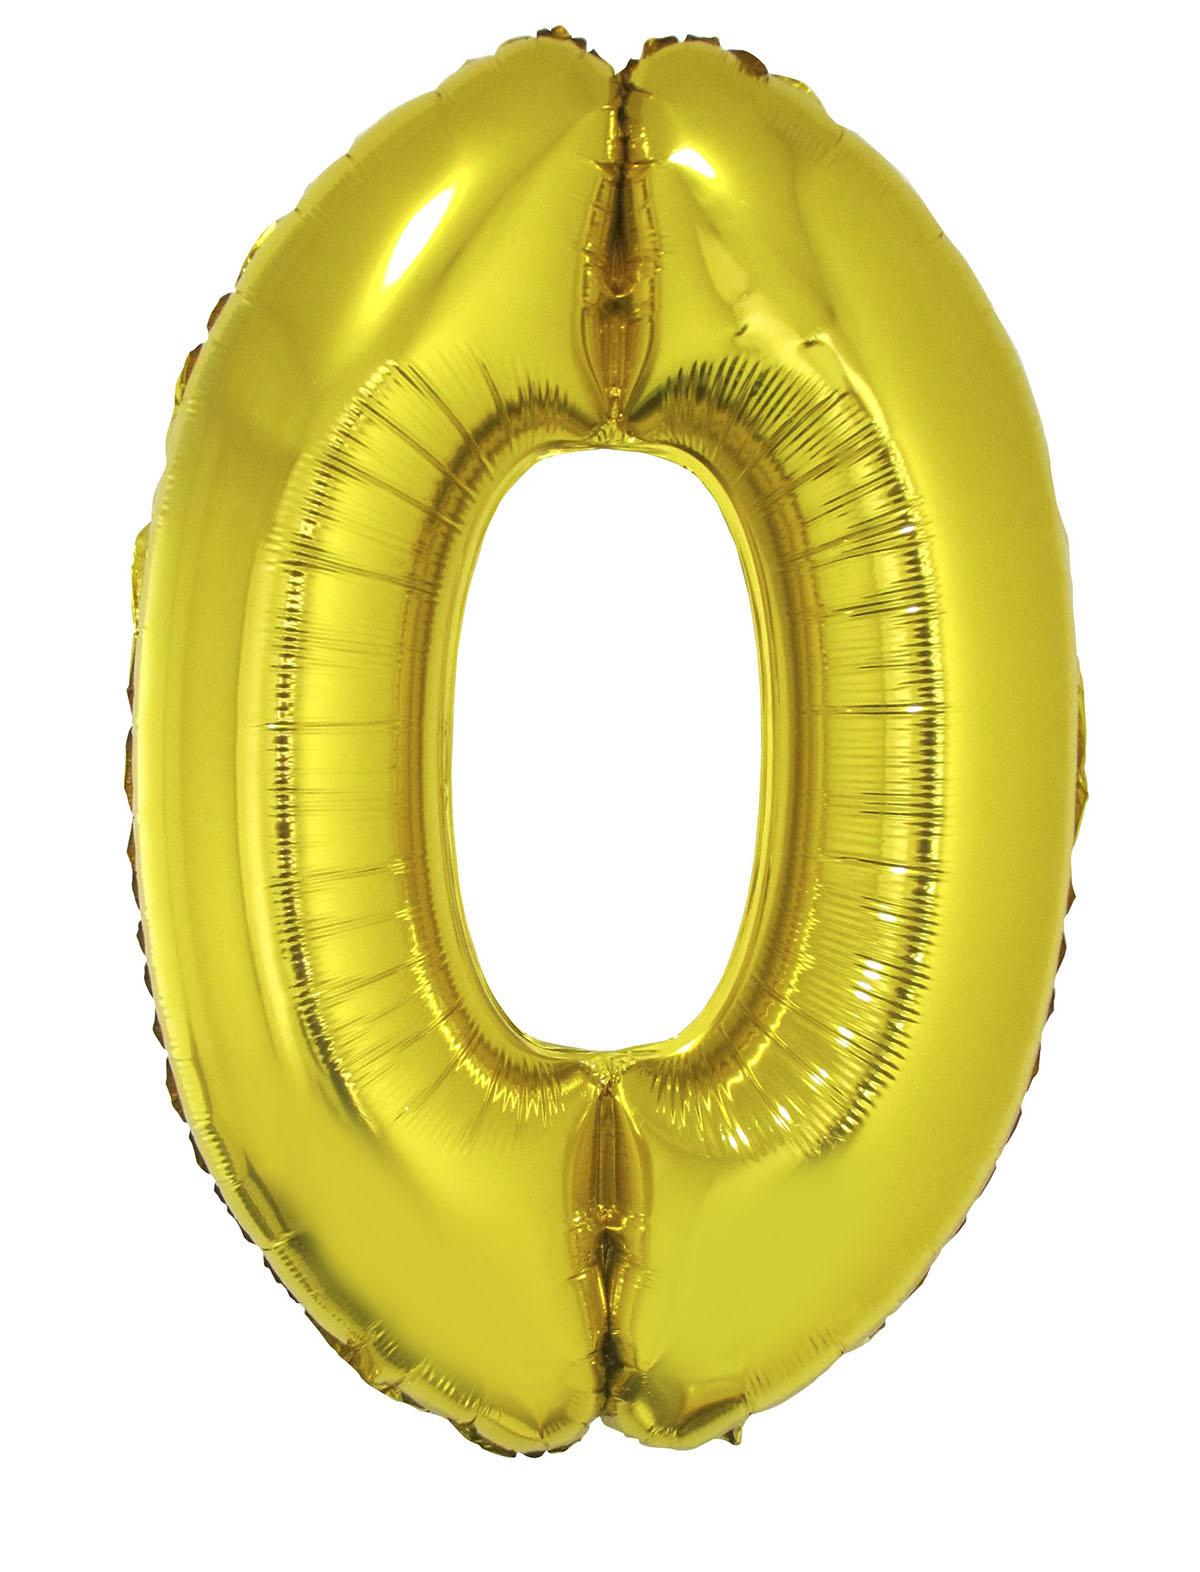 Folienballon 41 cm - Zahlen gold 0-9 Zahl 0